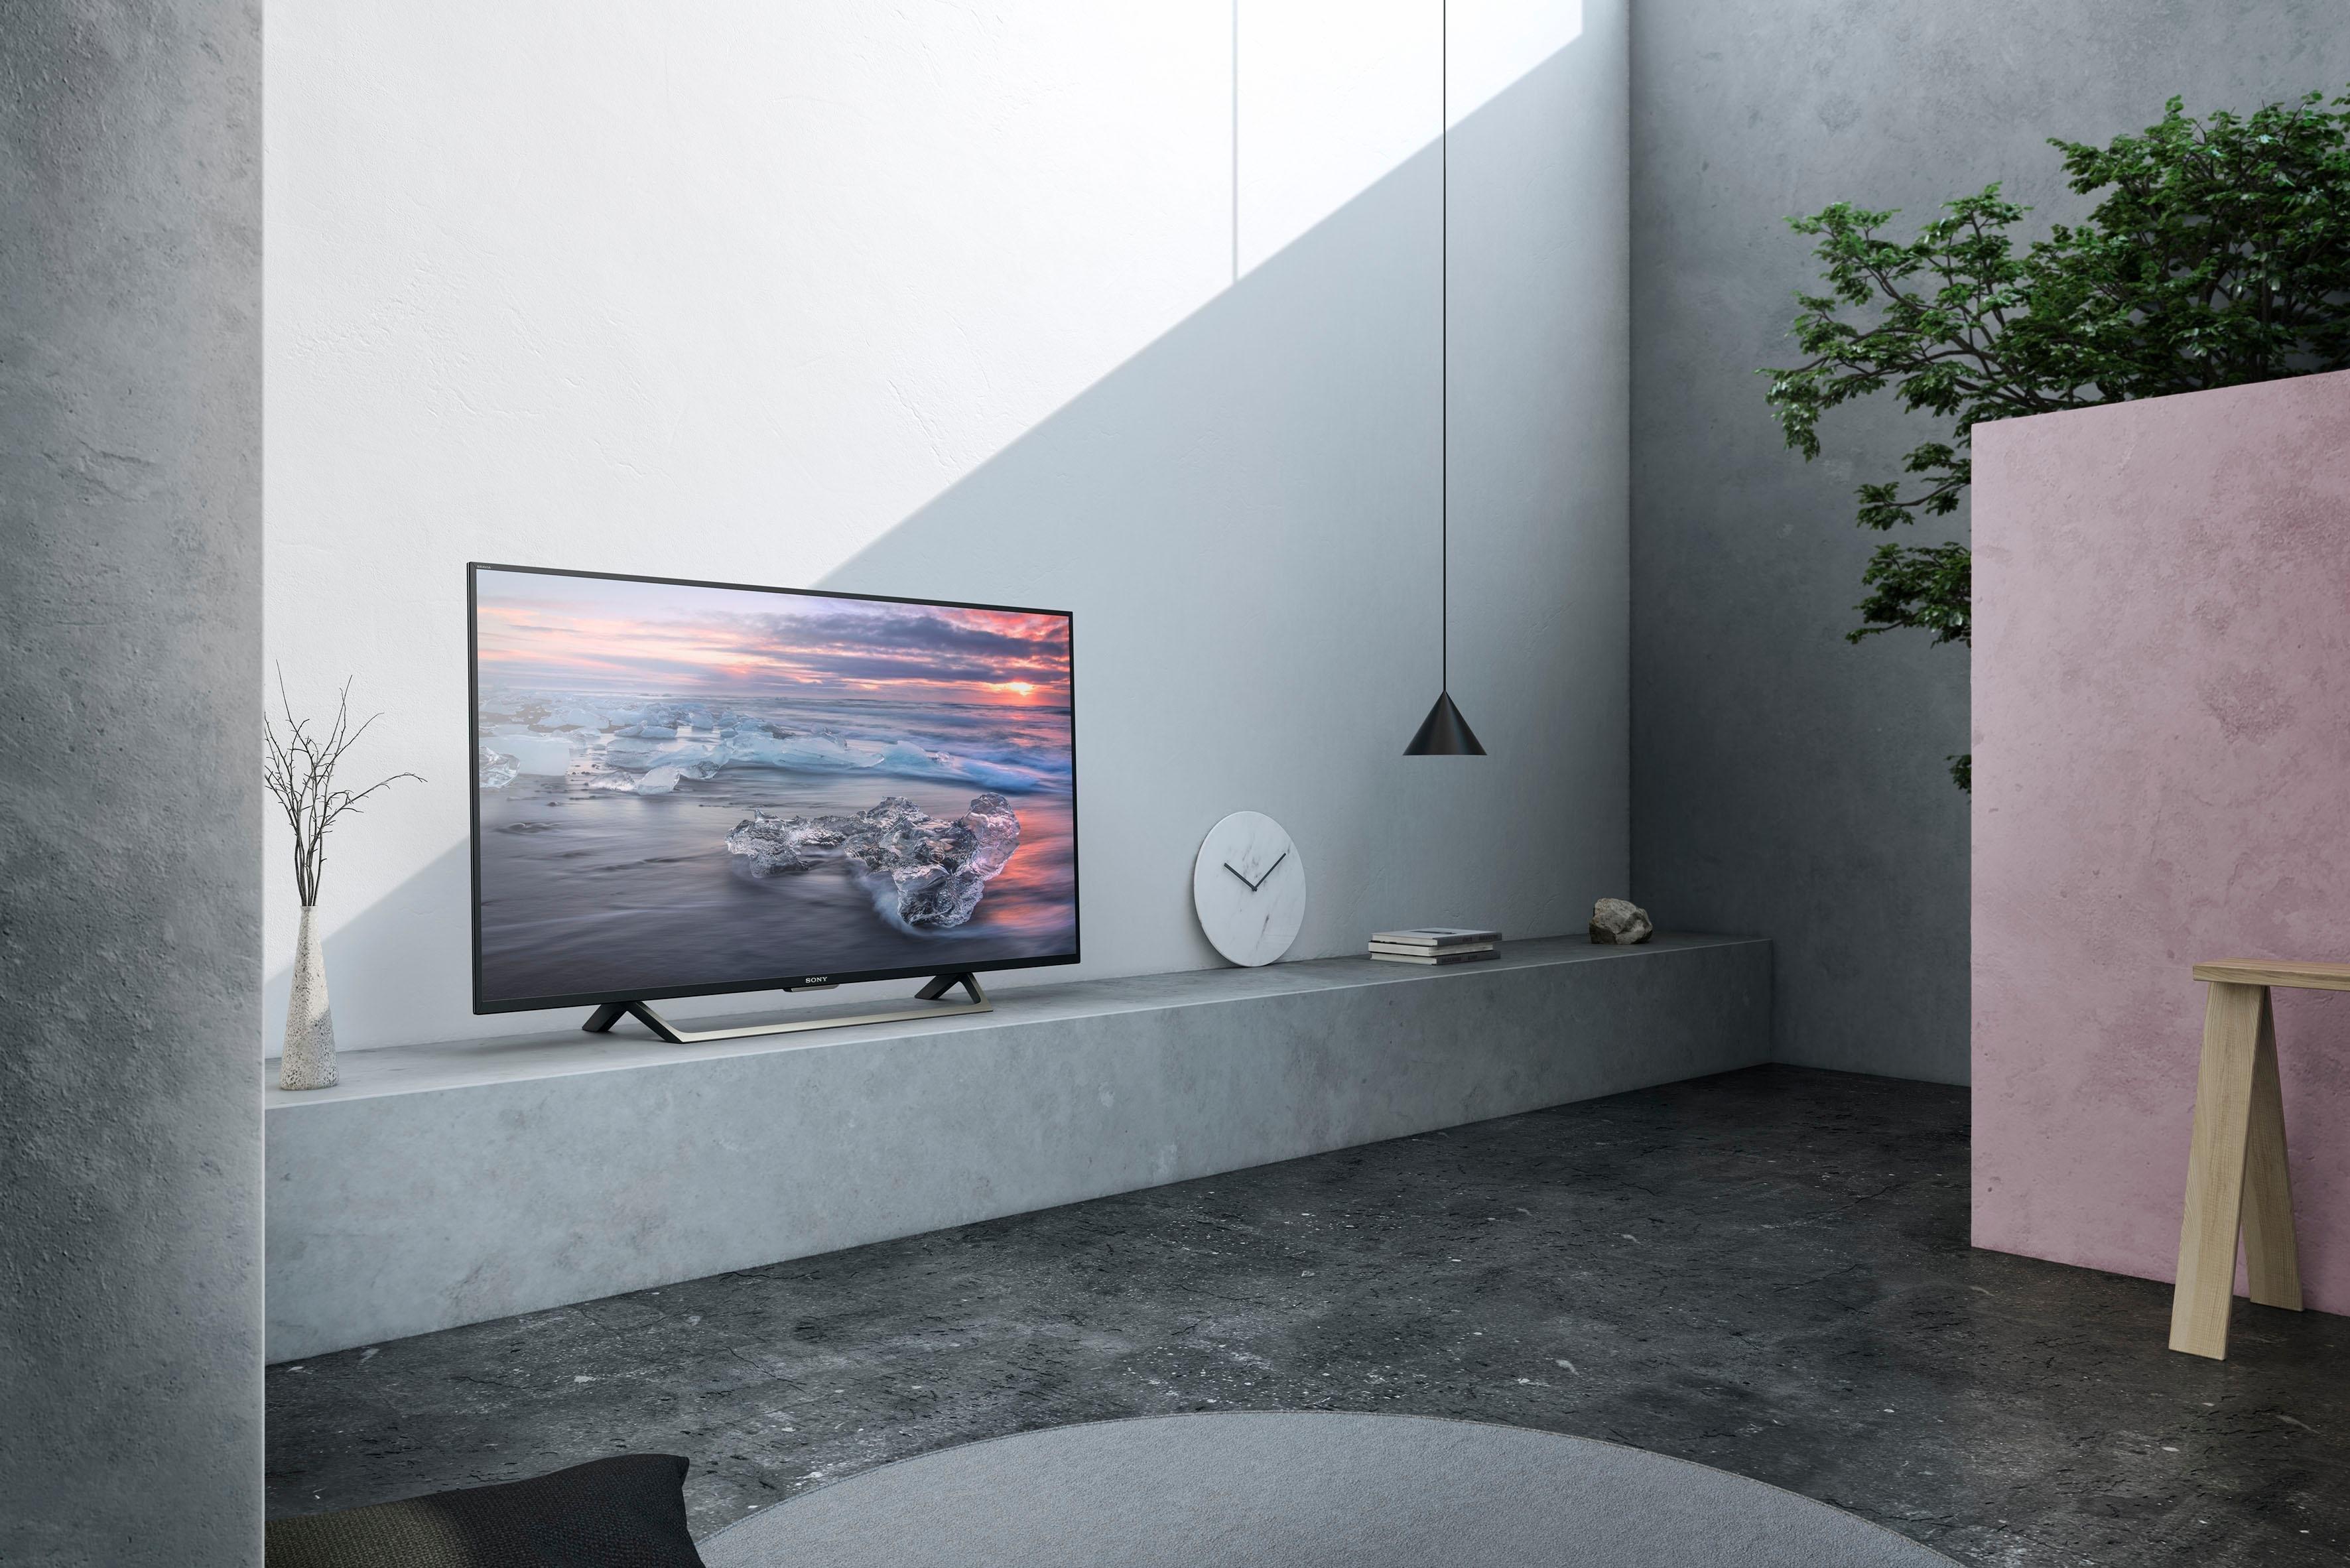 sony kdl49we755baep led tv 123 cm 49 inch full hd smart tv in de online shop otto. Black Bedroom Furniture Sets. Home Design Ideas